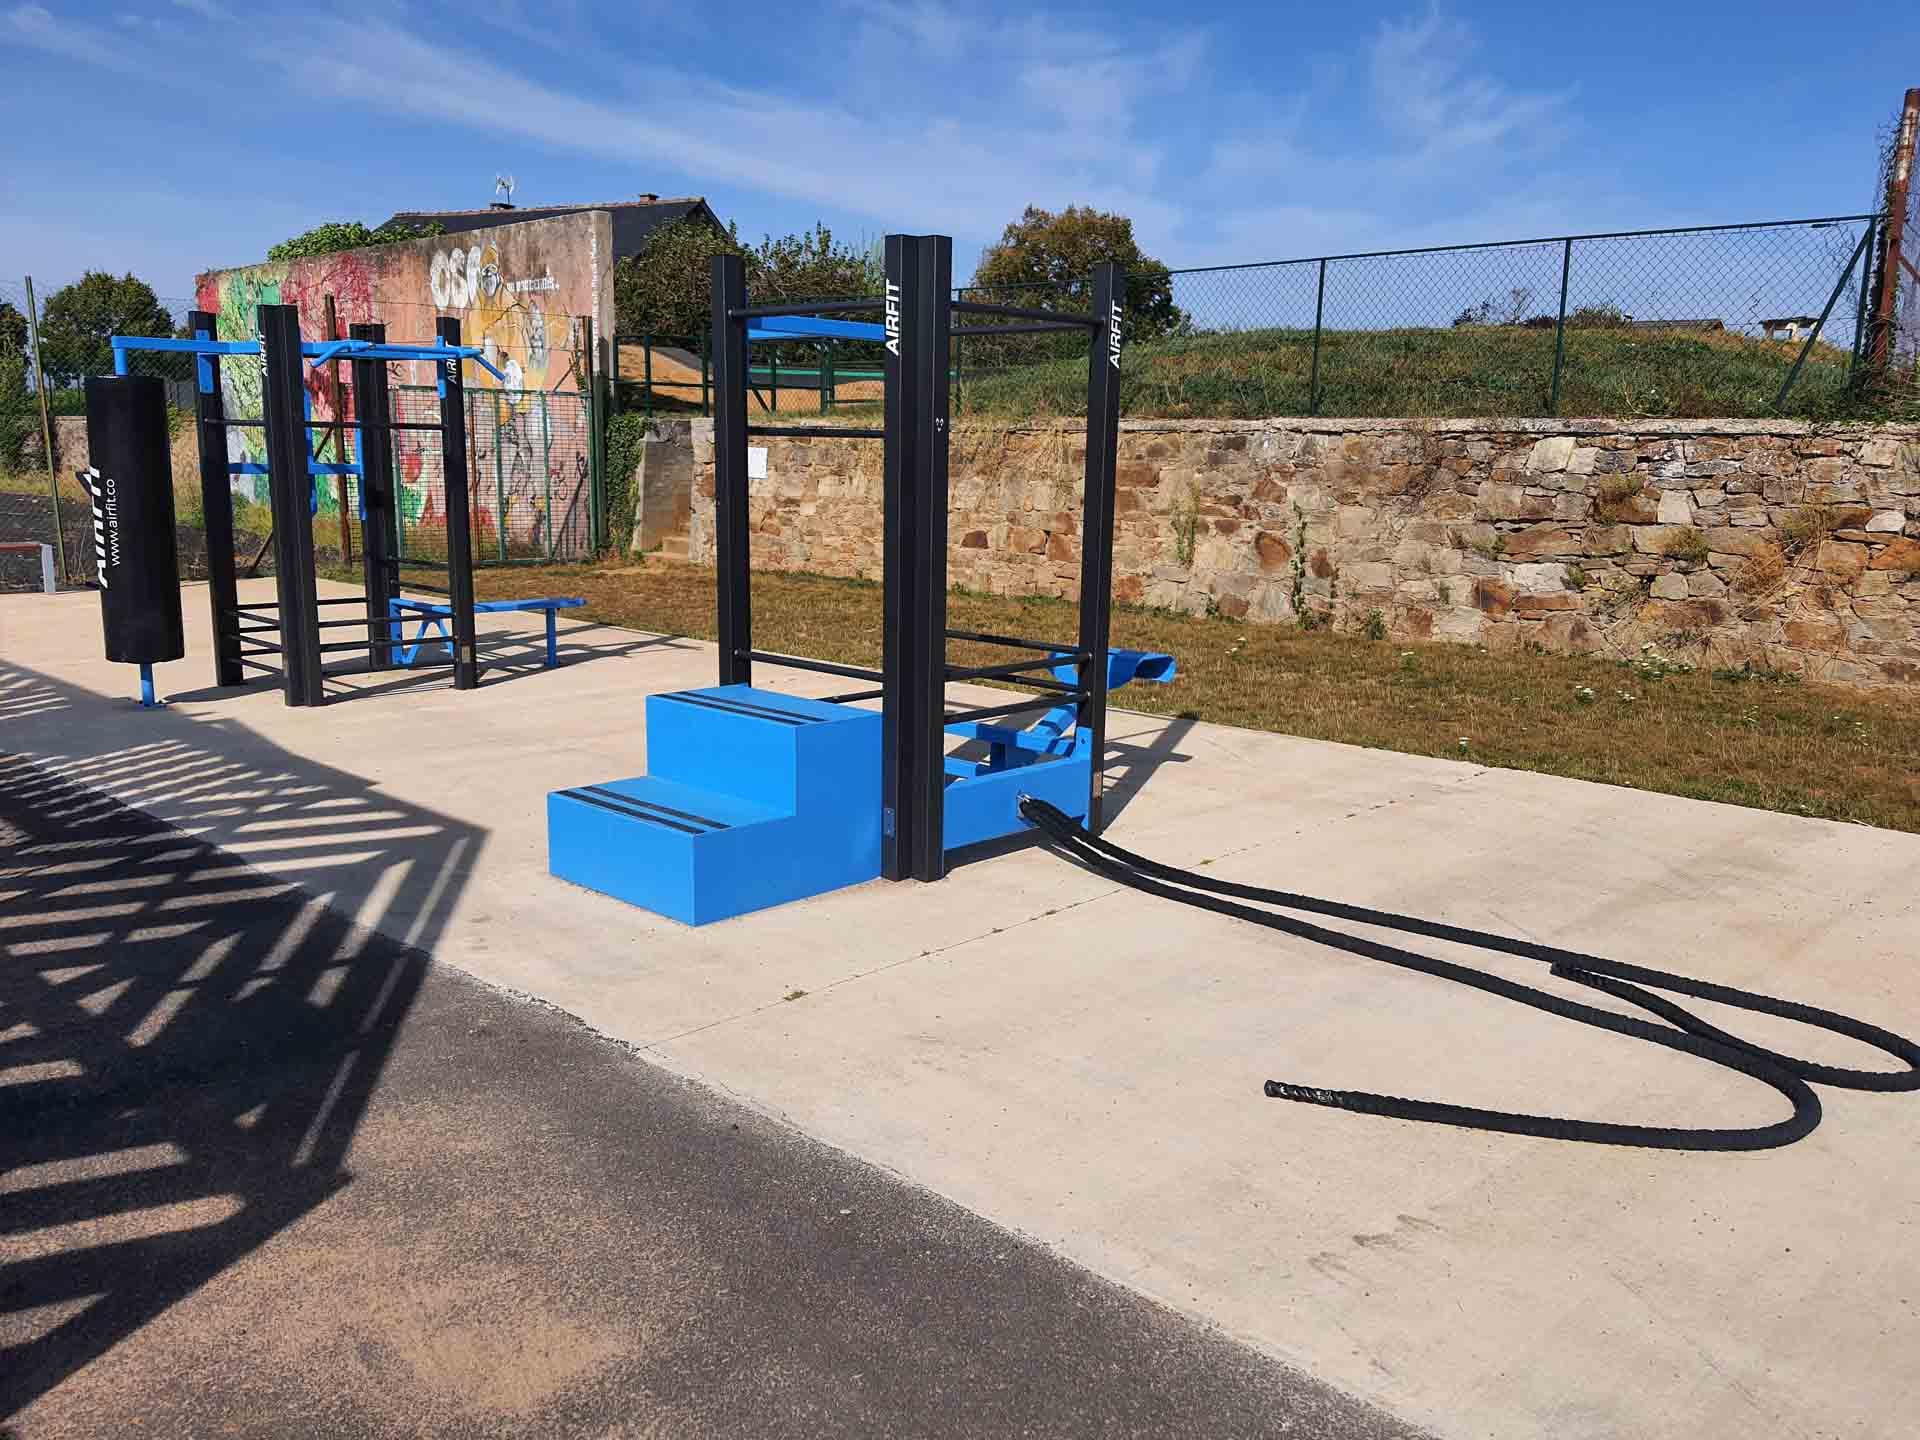 Photo des 2 stations de Cross-Training bleues AirFit du Vallon des sports de Naucelle